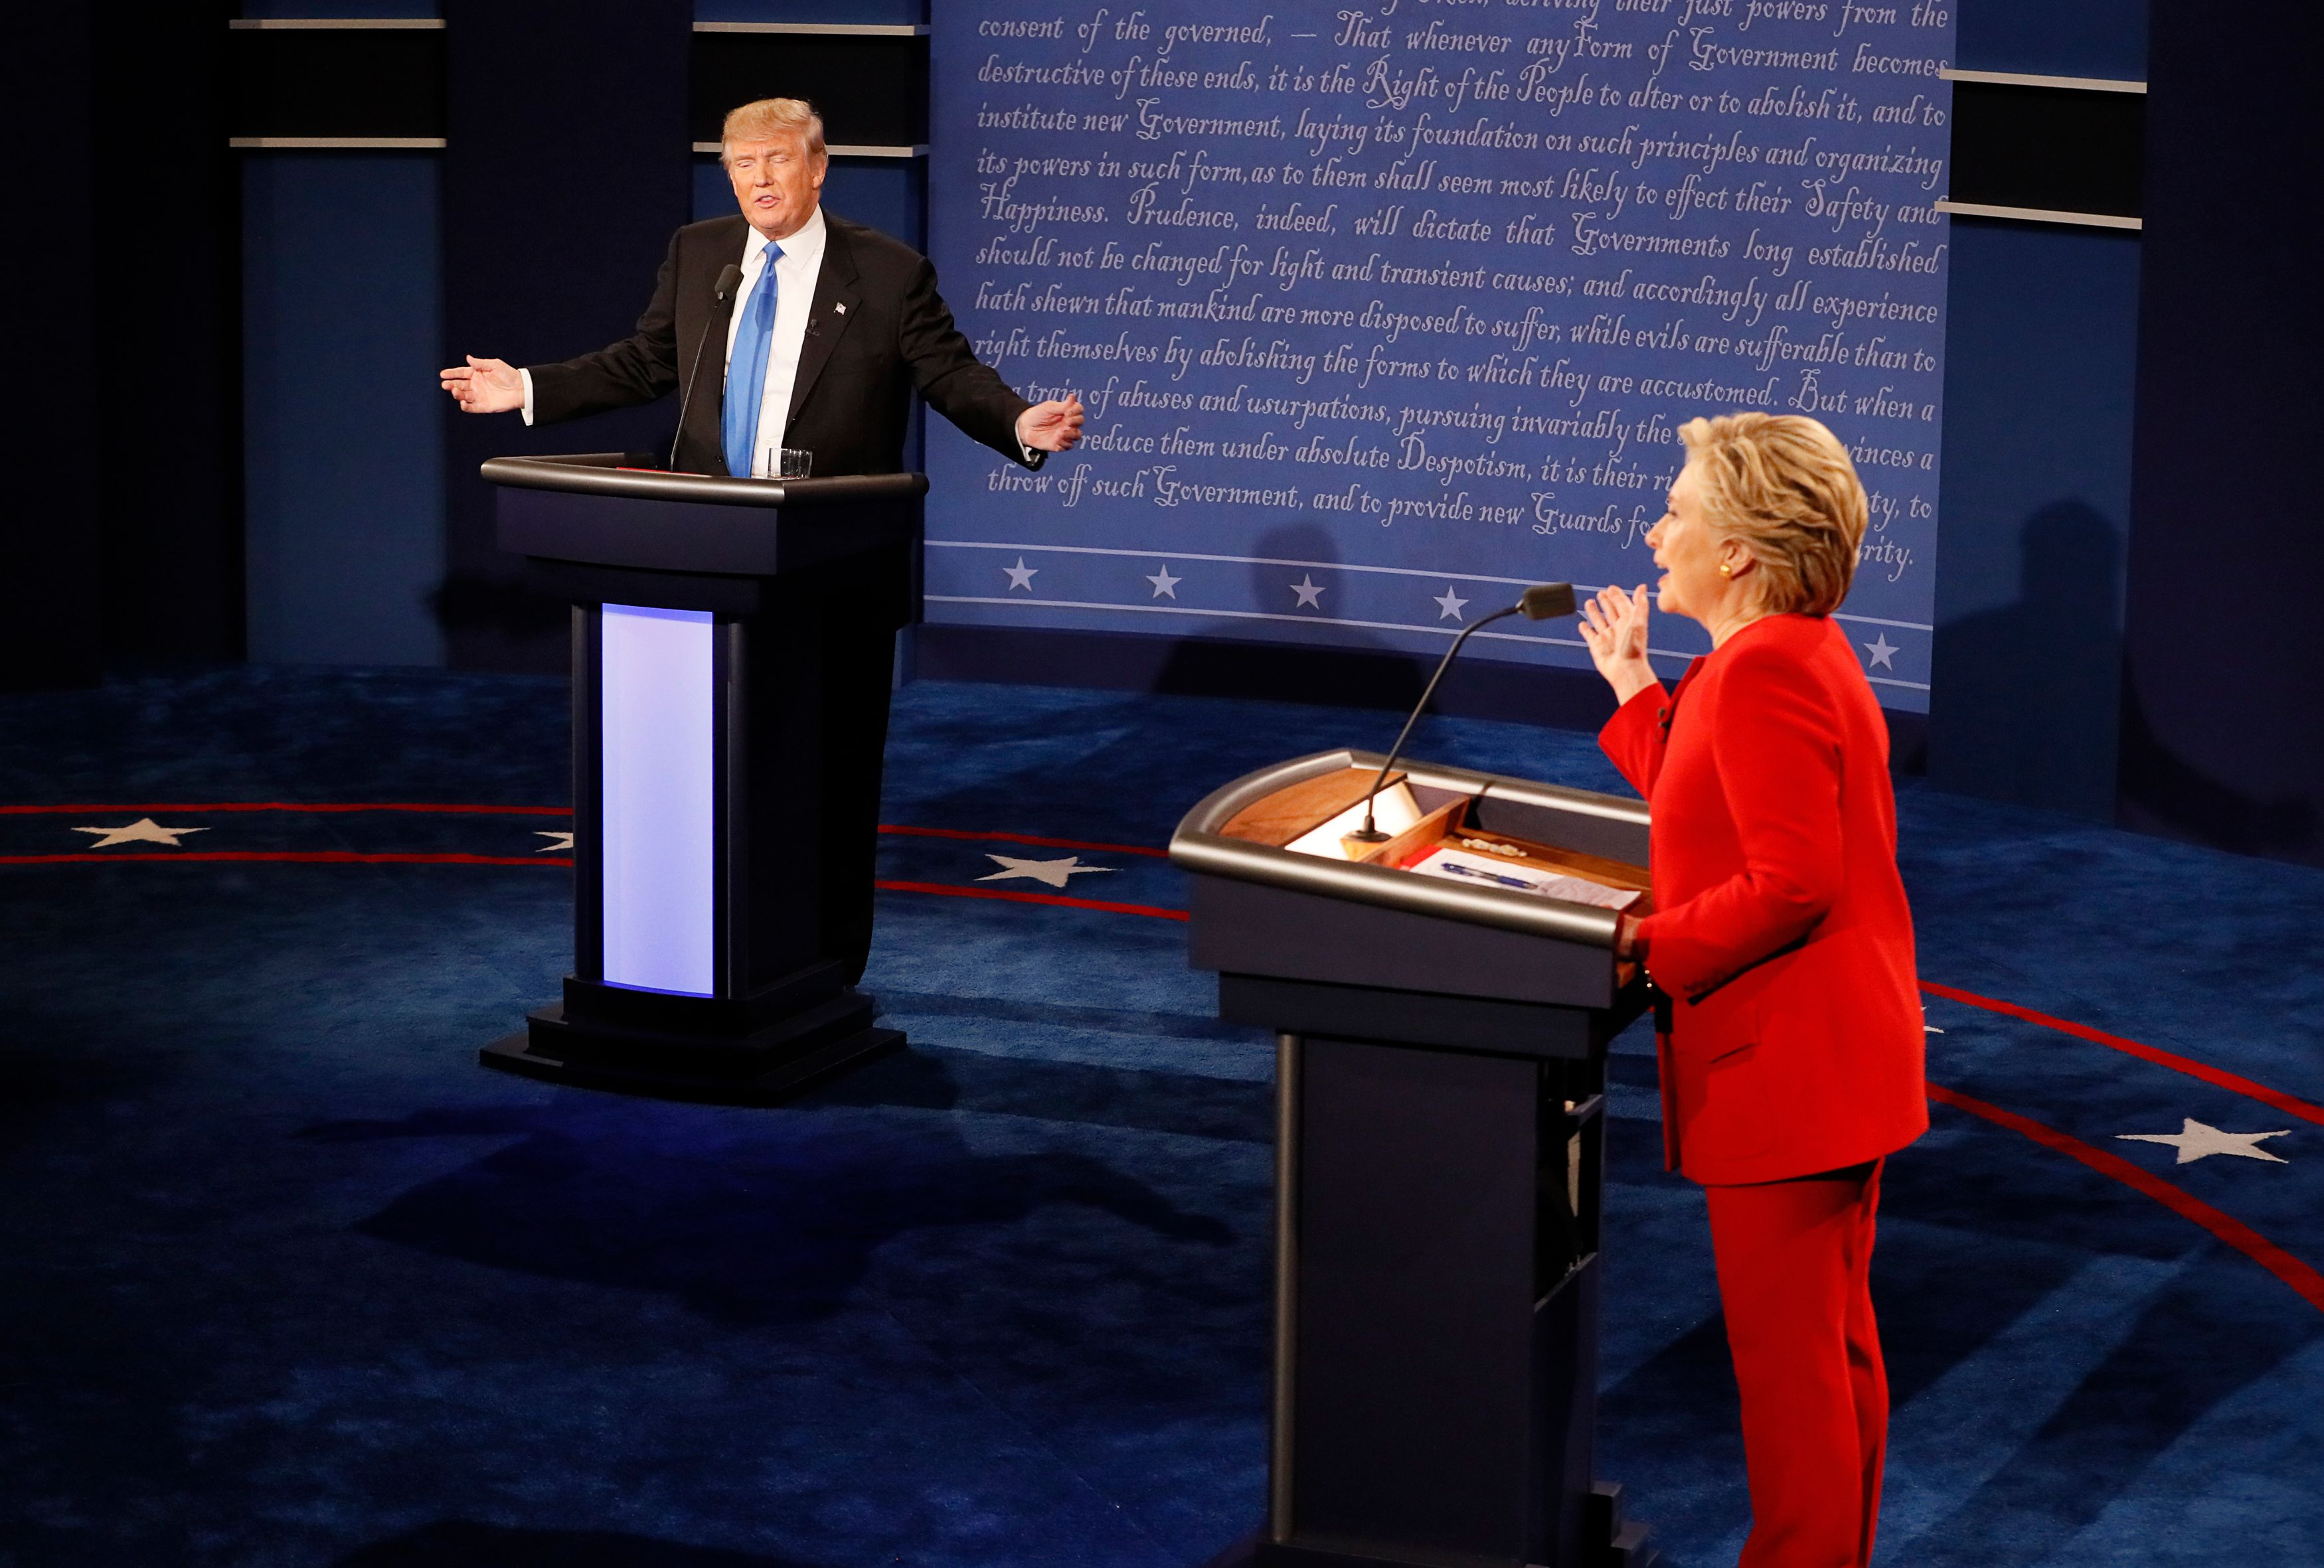 États-Unis : Hillary Clinton reprend l'avantage sur Donald Trump, selon un nouveau sondage